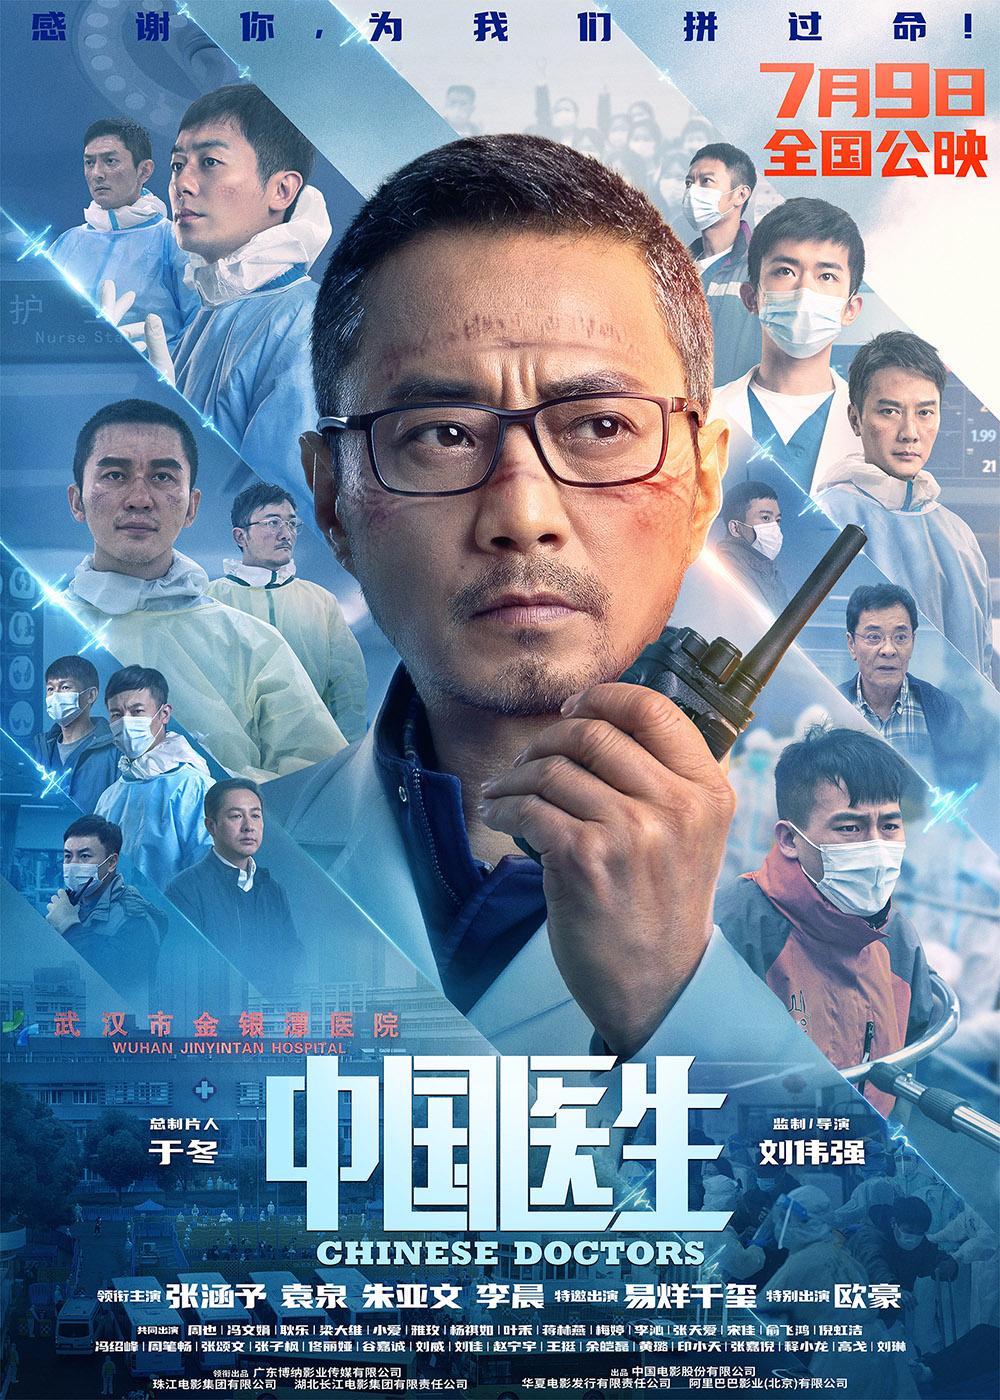 """《中国医生》首曝""""疫情暴风眼""""预告 定档7月9日上映"""